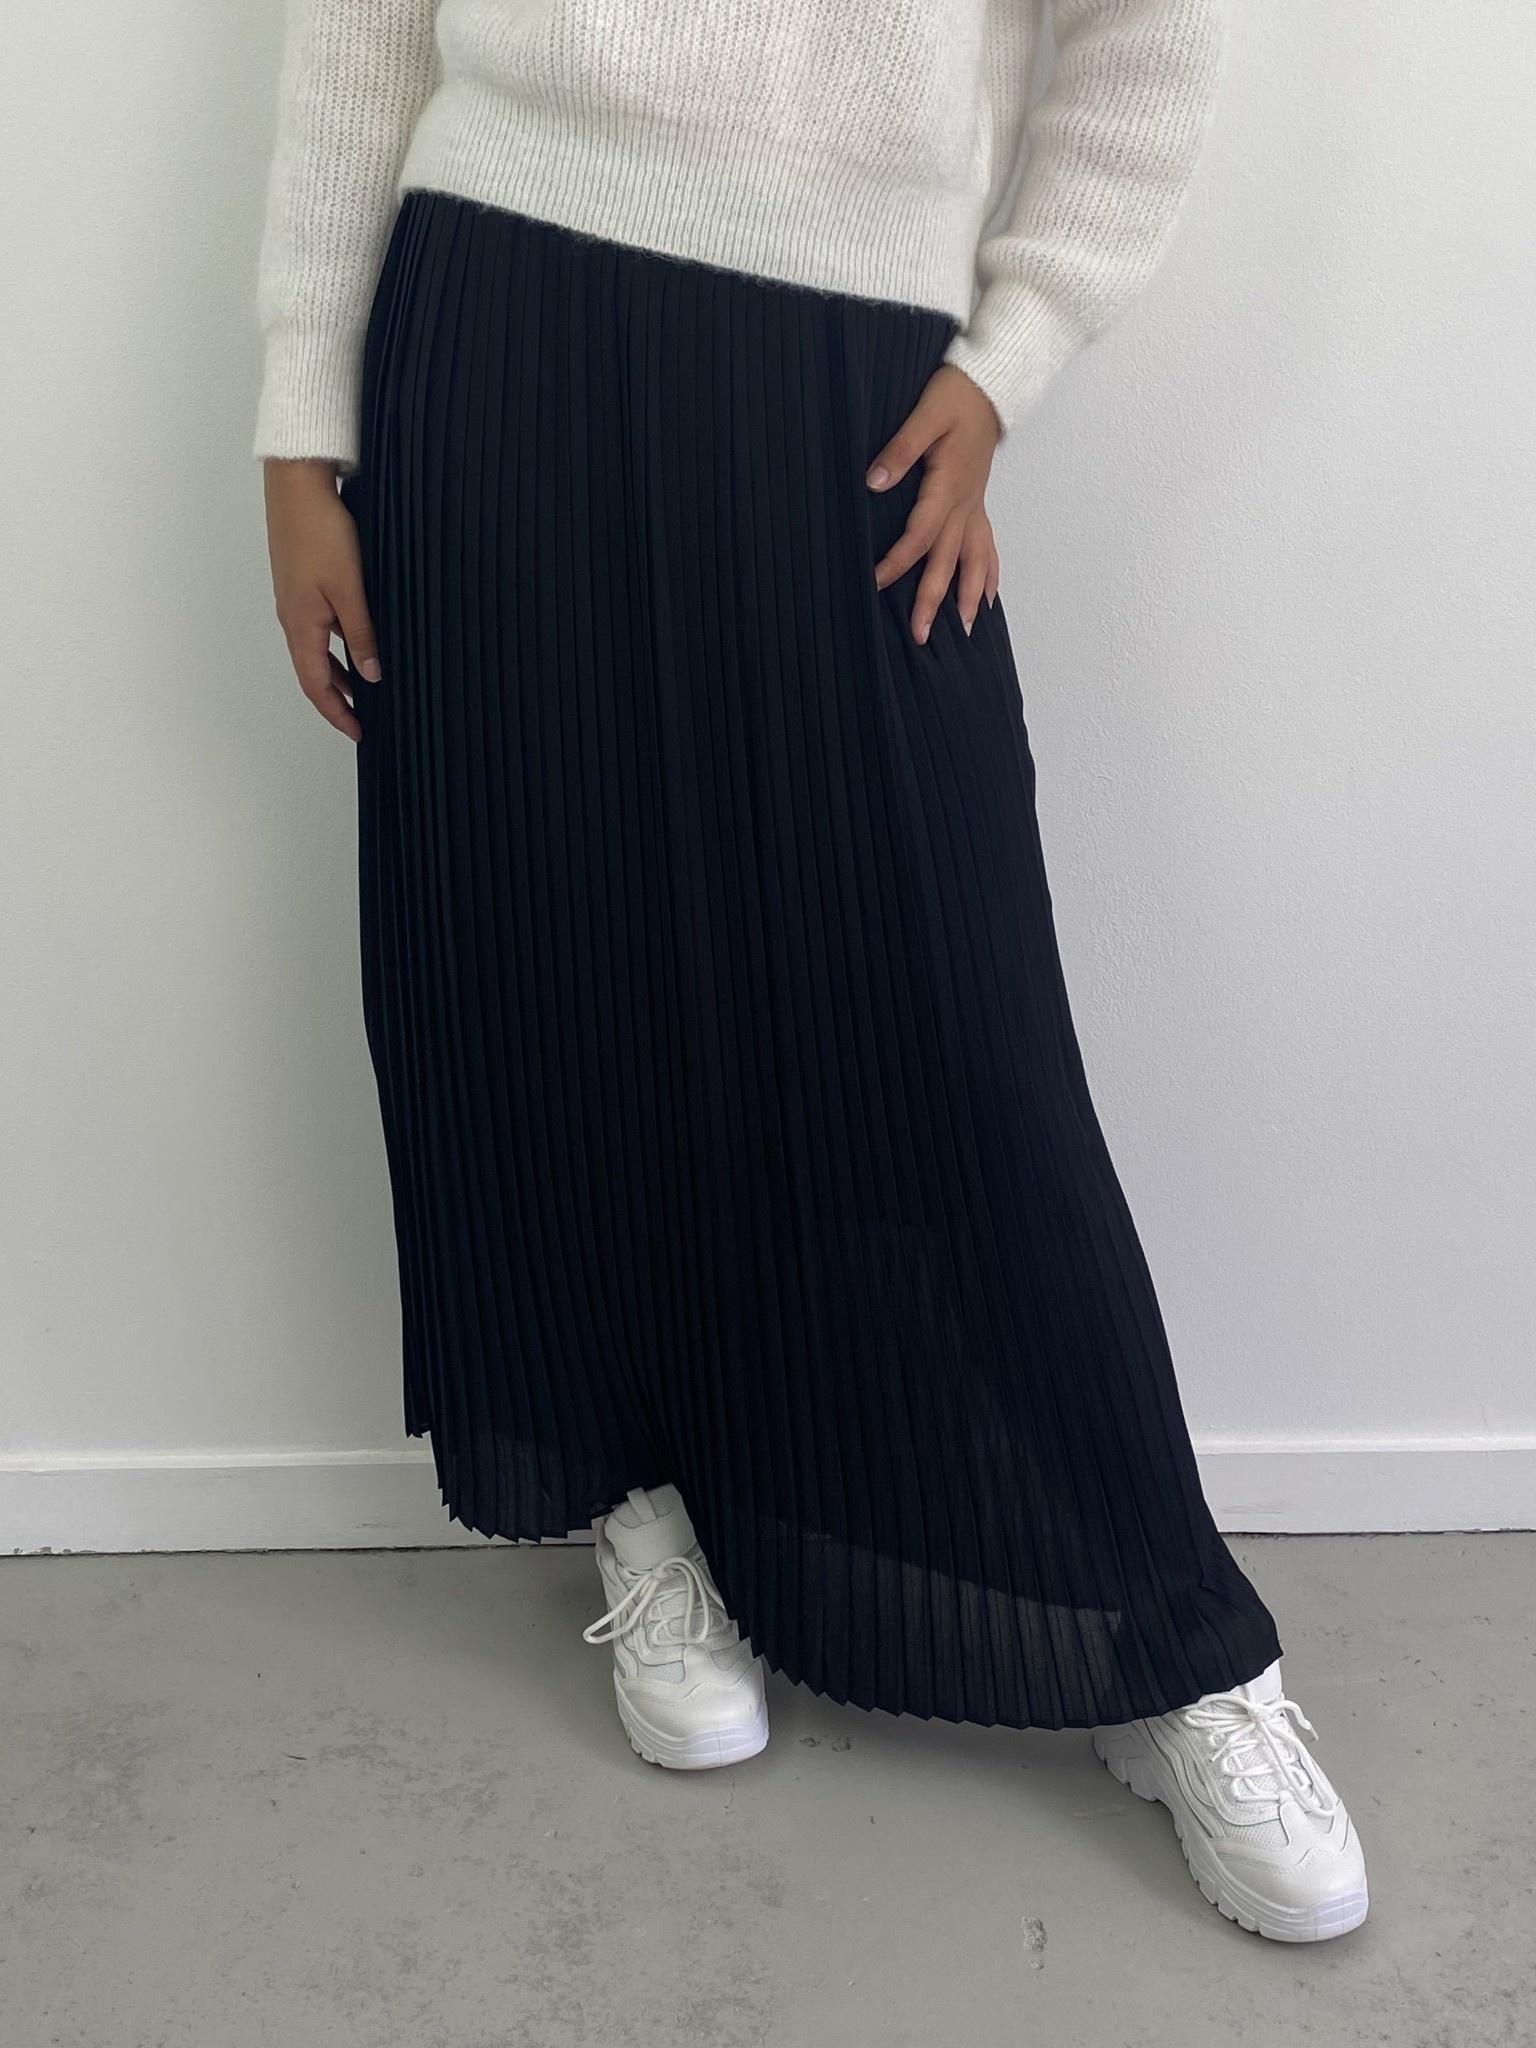 Emanuelle pleated skirt Black-1